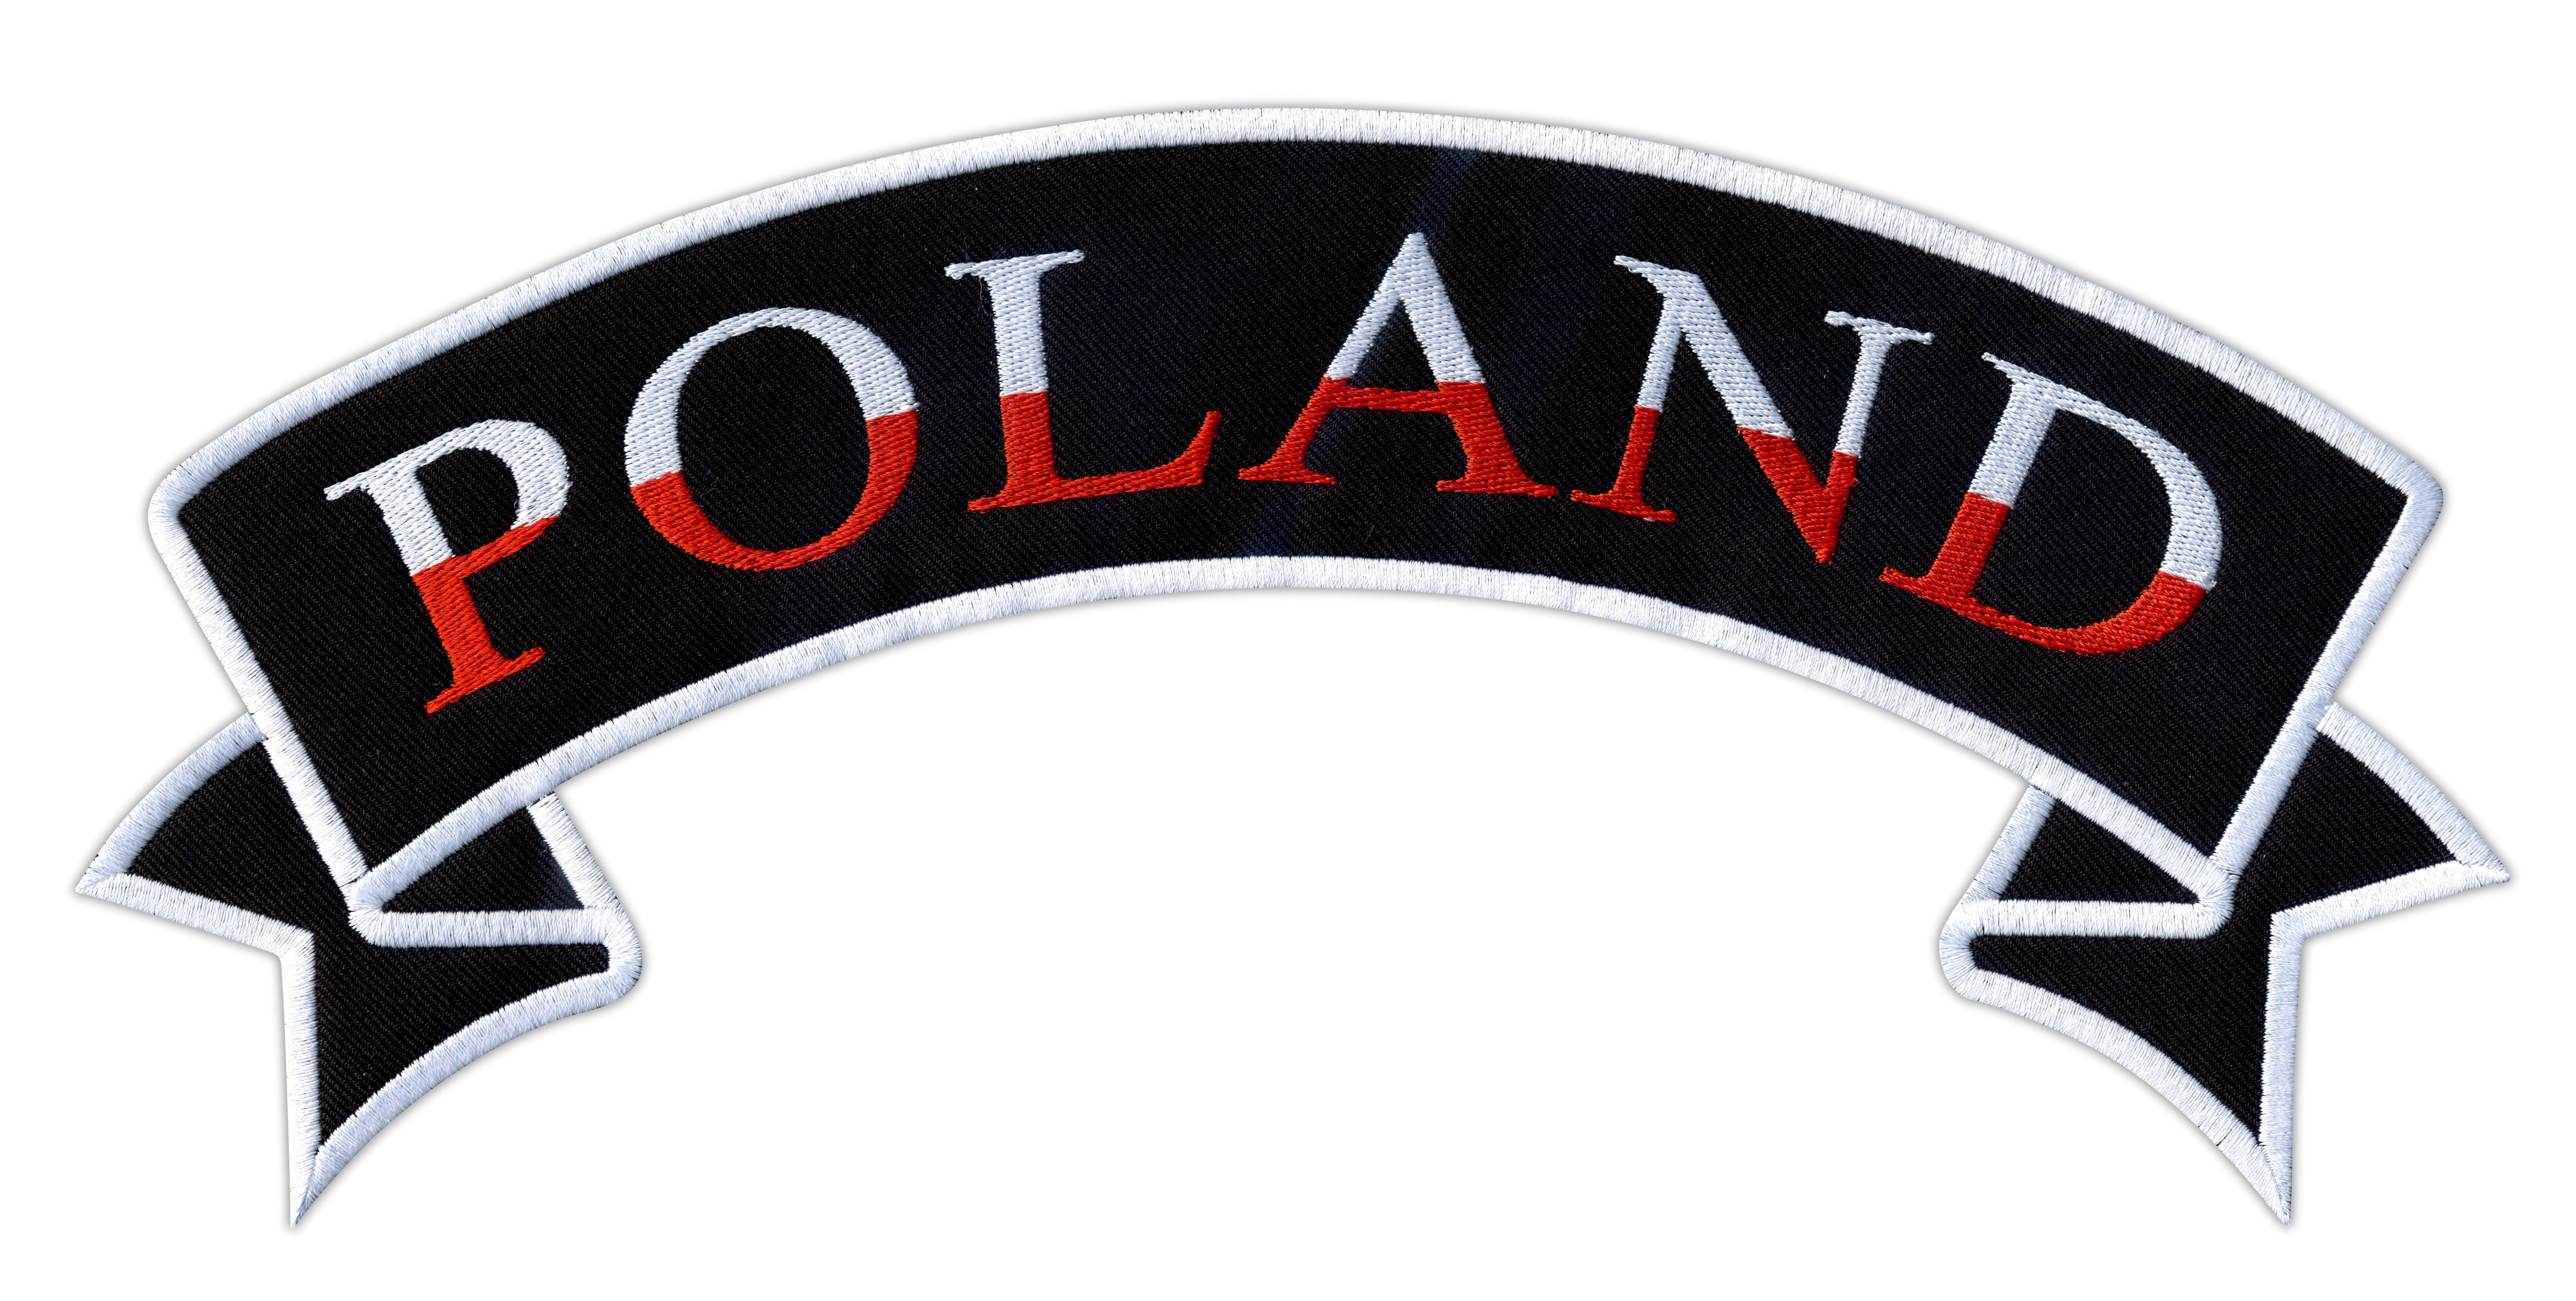 Dodatkowe Poland biało-czerwona - szarfa :: Naszywki24.pl - sklep internetowy CF84